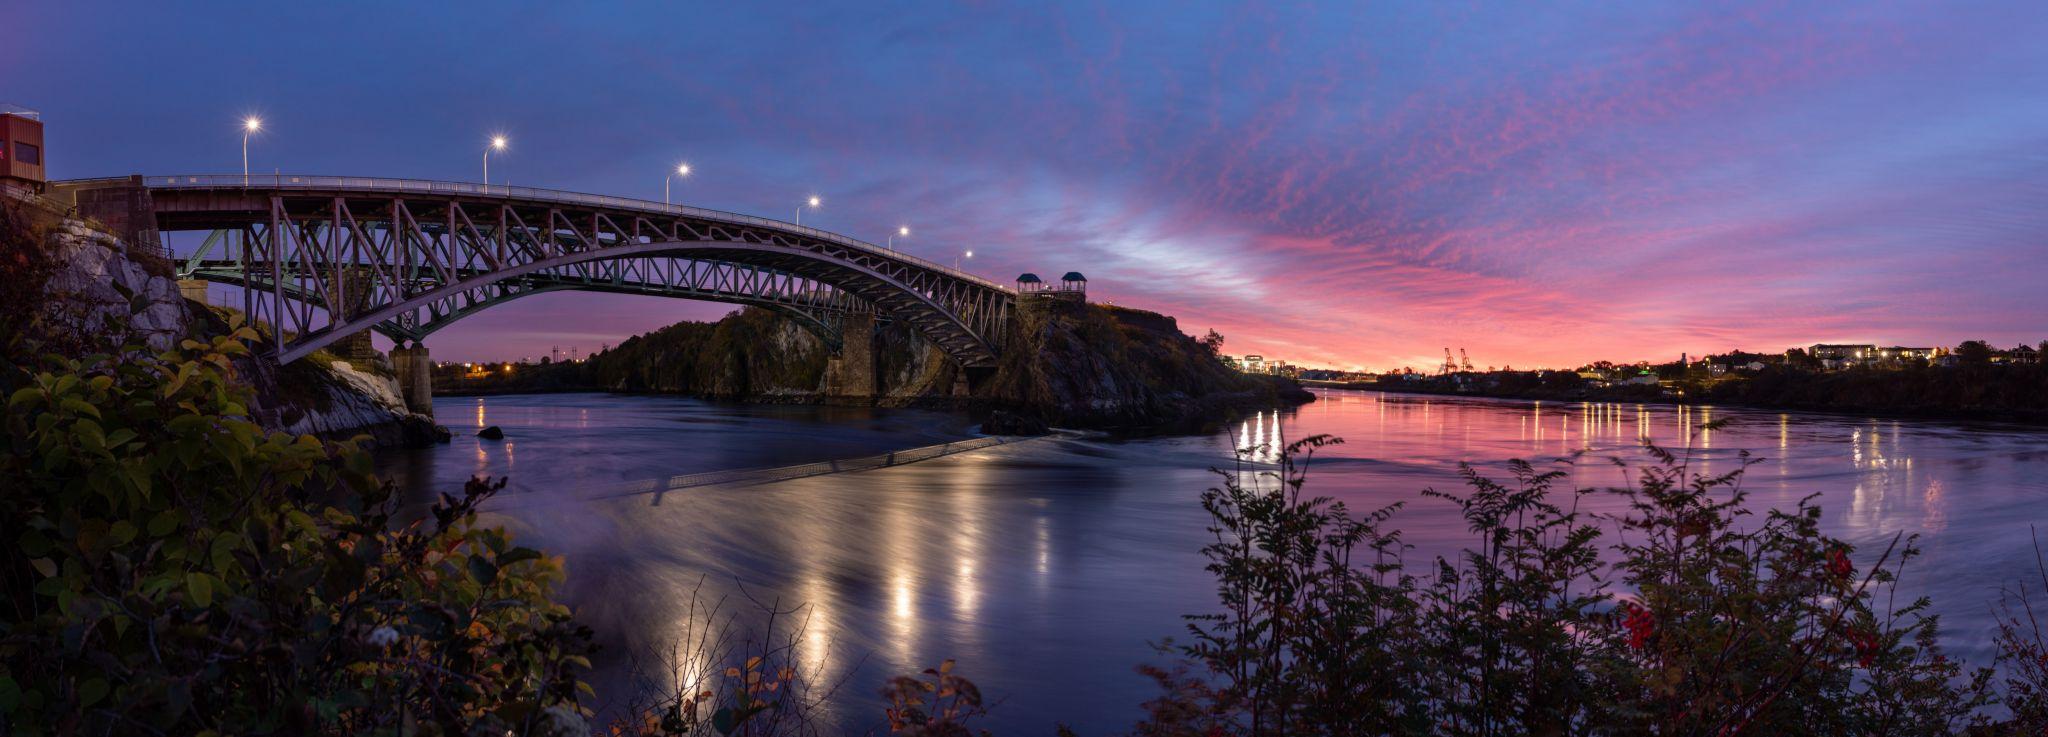 The Reversing Falls Bridge sunrise, Saint John, NB, Canada